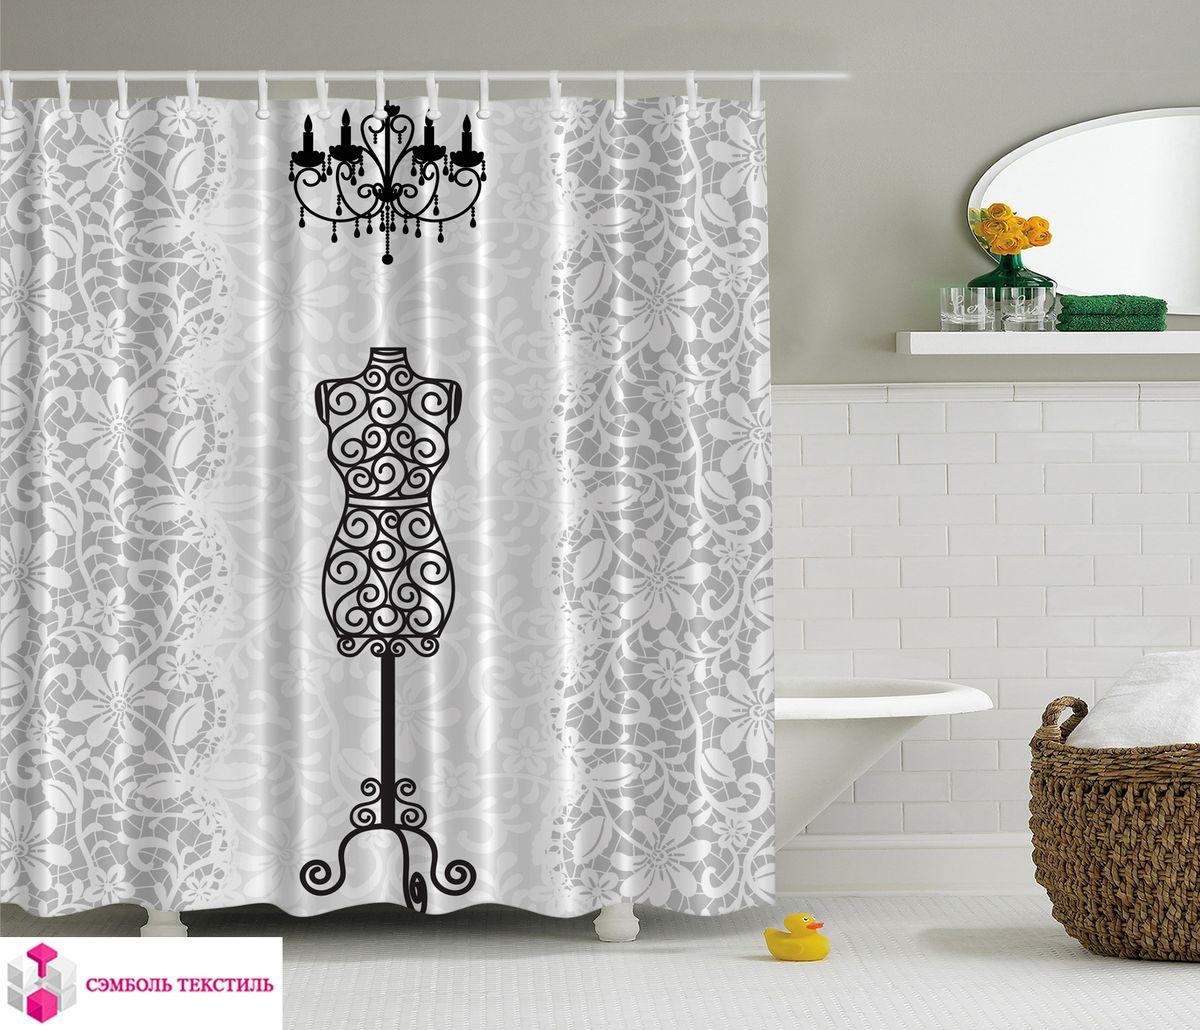 Штора для ванной комнаты Magic Lady Ателье, 180 х 200 смшв_15305Штора Magic Lady Ателье, изготовленная из высококачественного сатена (полиэстер 100%), отлично дополнит любой интерьер ванной комнаты. При изготовлении используются специальные гипоаллергенные чернила для прямой печати по ткани, безопасные для человека.В комплекте: 1 штора, 12 крючков. Обращаем ваше внимание, фактический цвет изделия может незначительно отличаться от представленного на фото.